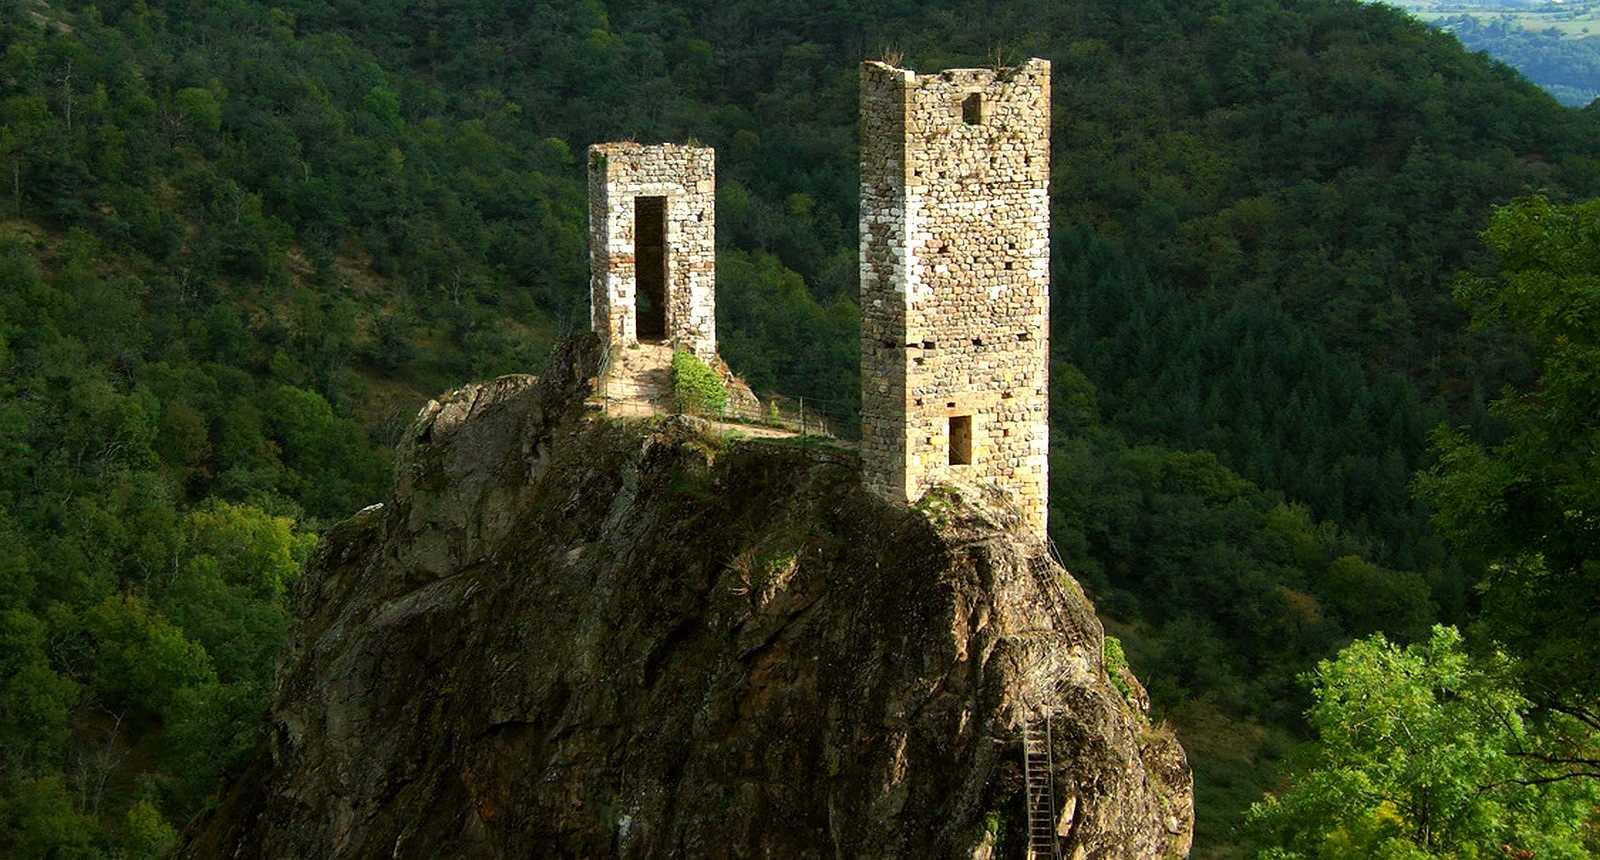 Les tours de Peyrusse-le-Roc